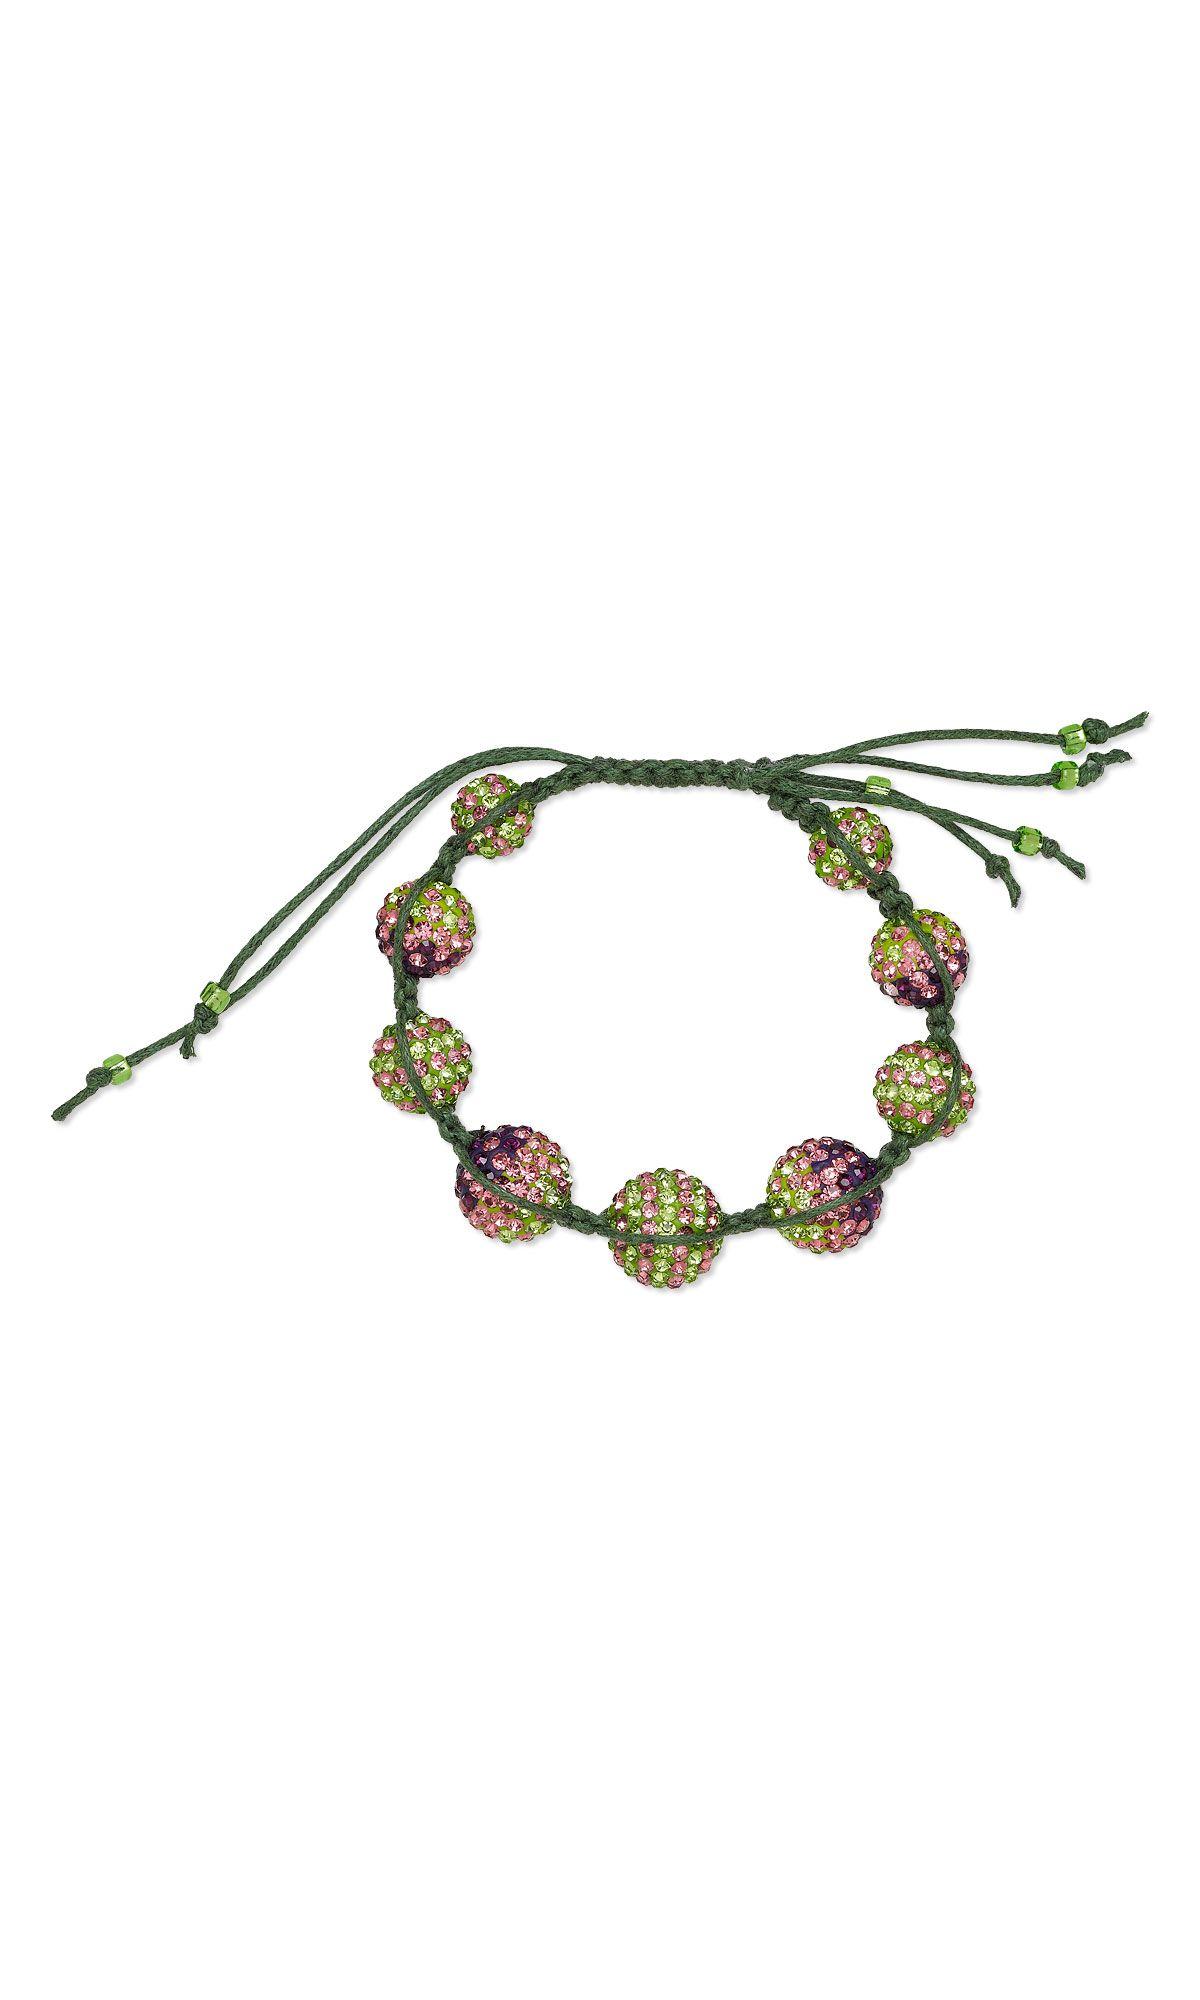 57d76921cbf4b Jewelry Design - Bracelet with Glass Rhinestone